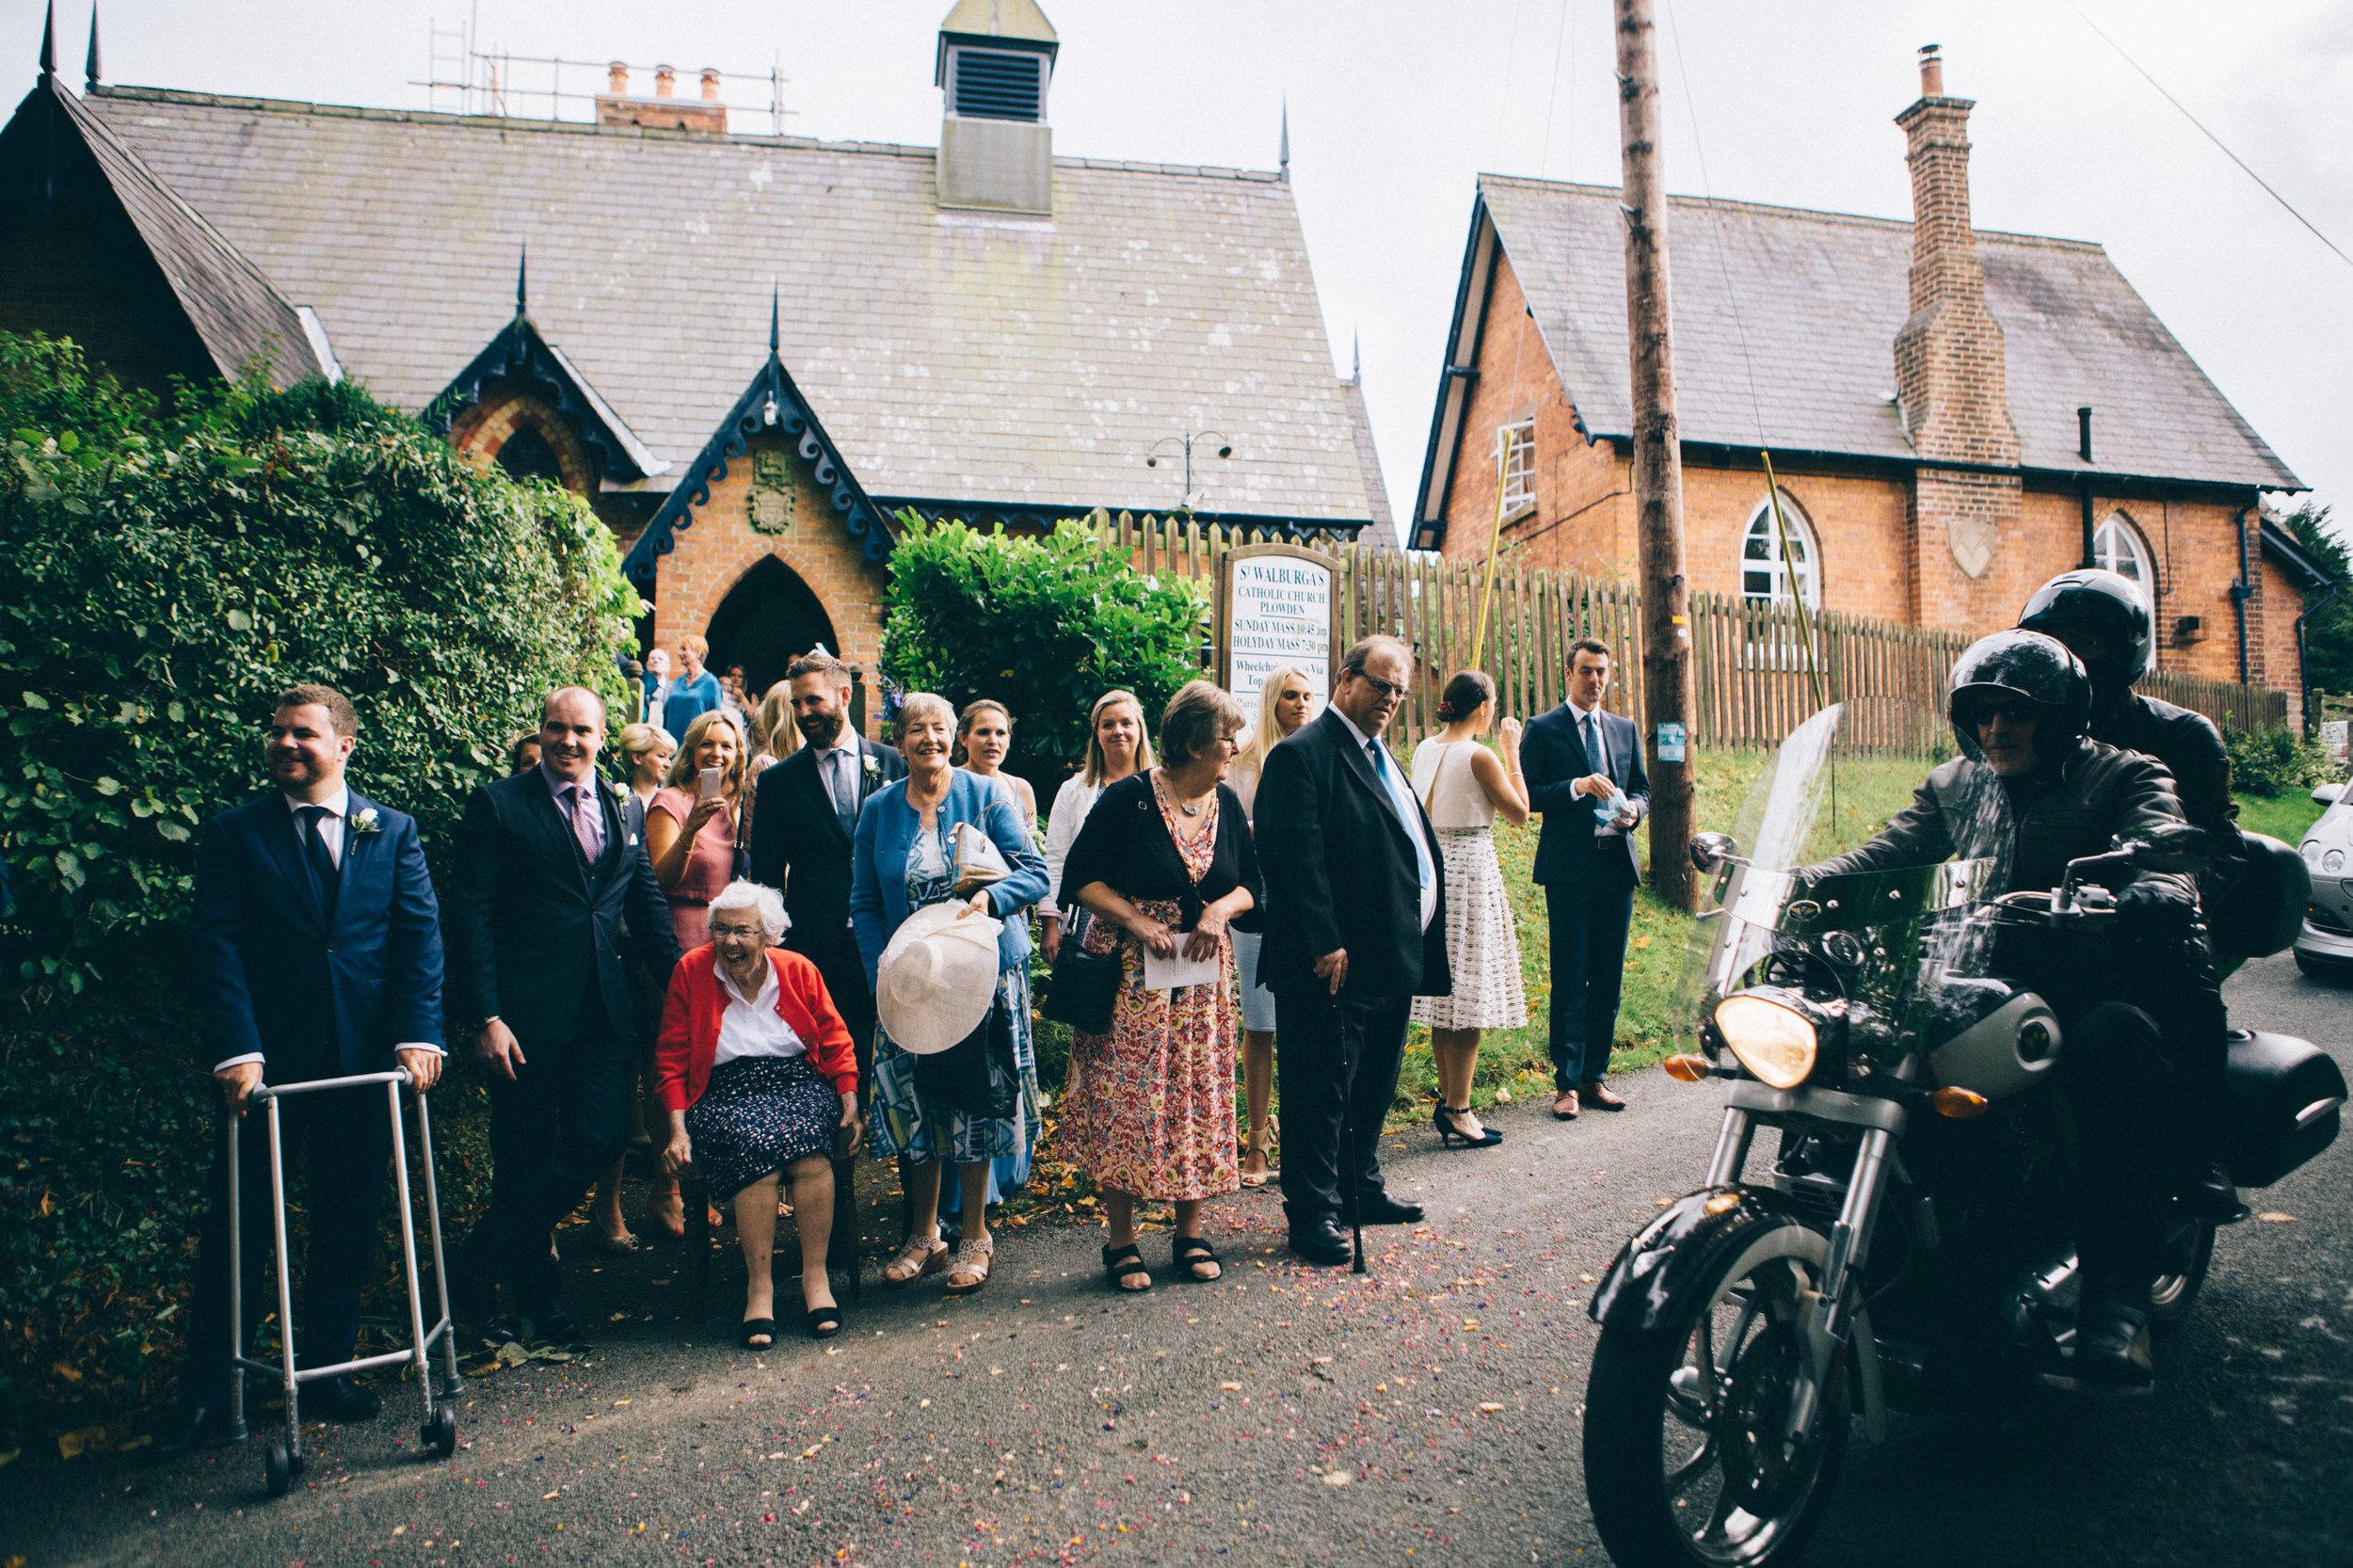 uk wedding photographer artistic wedding photography-81.jpg